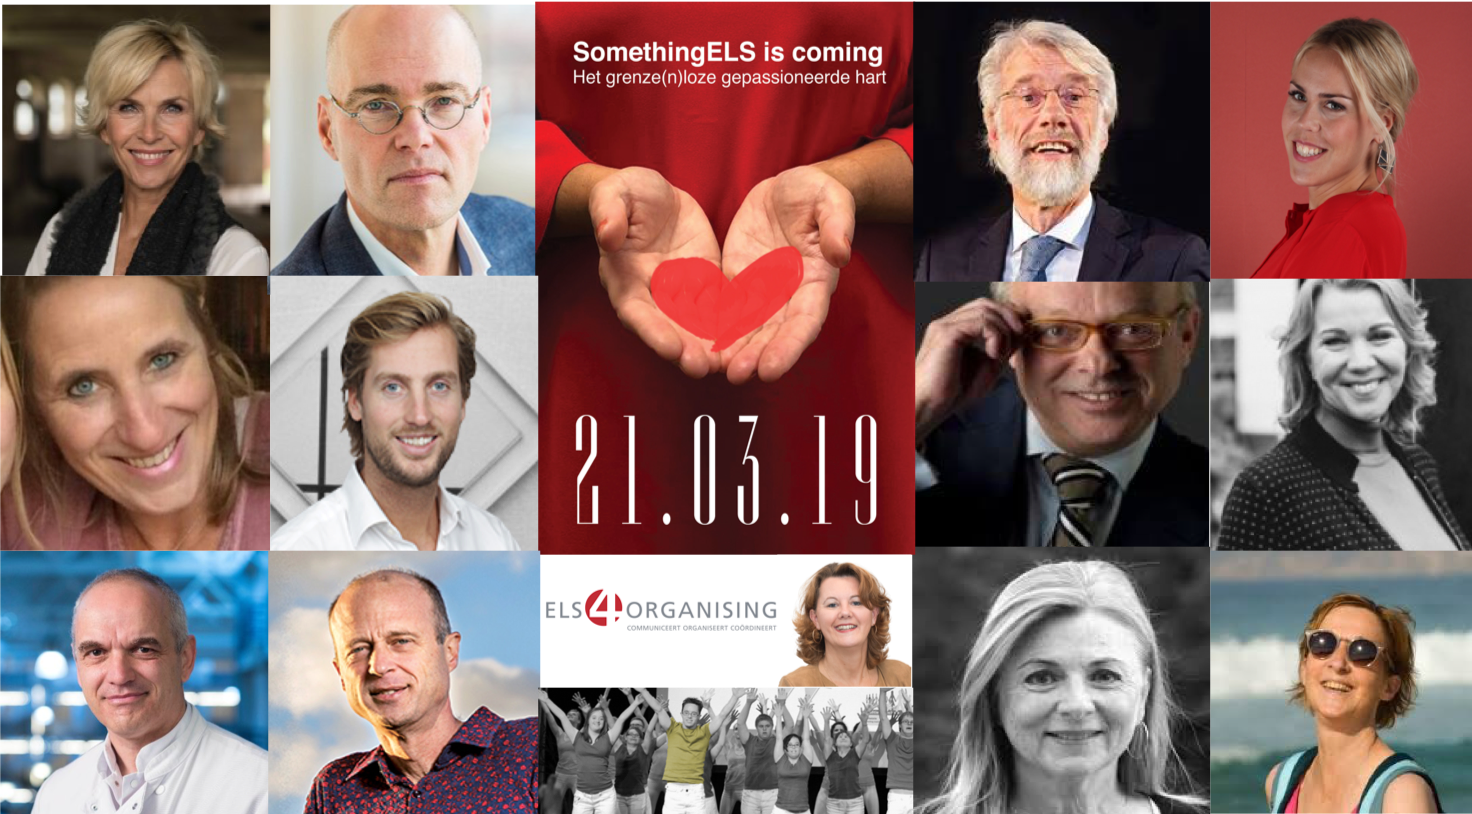 SomethingELS event - donderdagmiddag 21 maart 2019